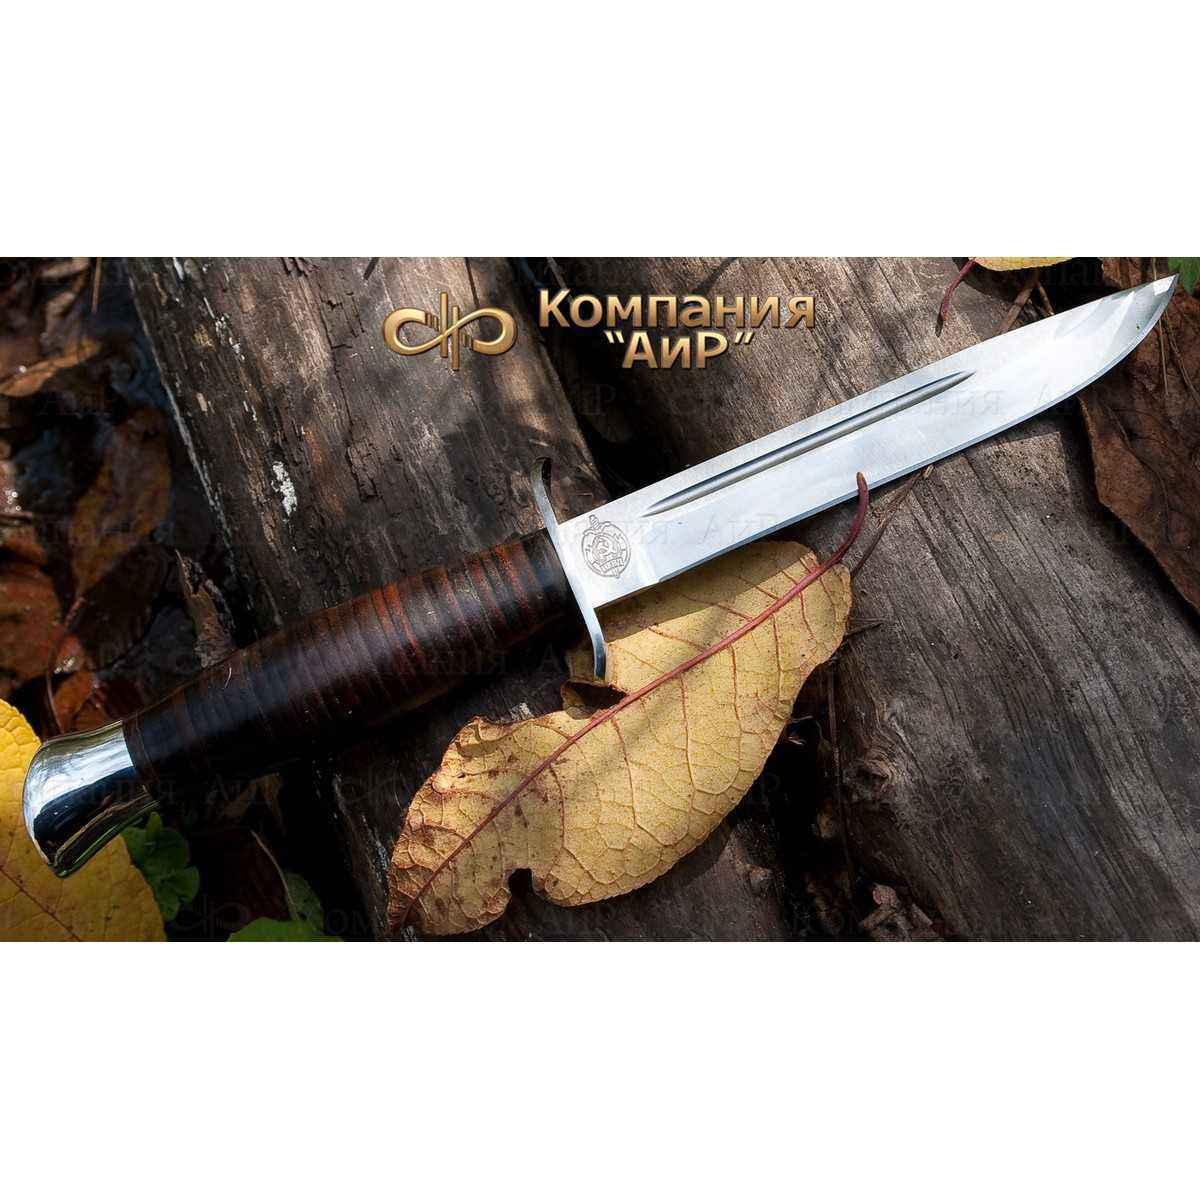 Нож АиР Финка-2, сталь RWL34, рукоять кожа